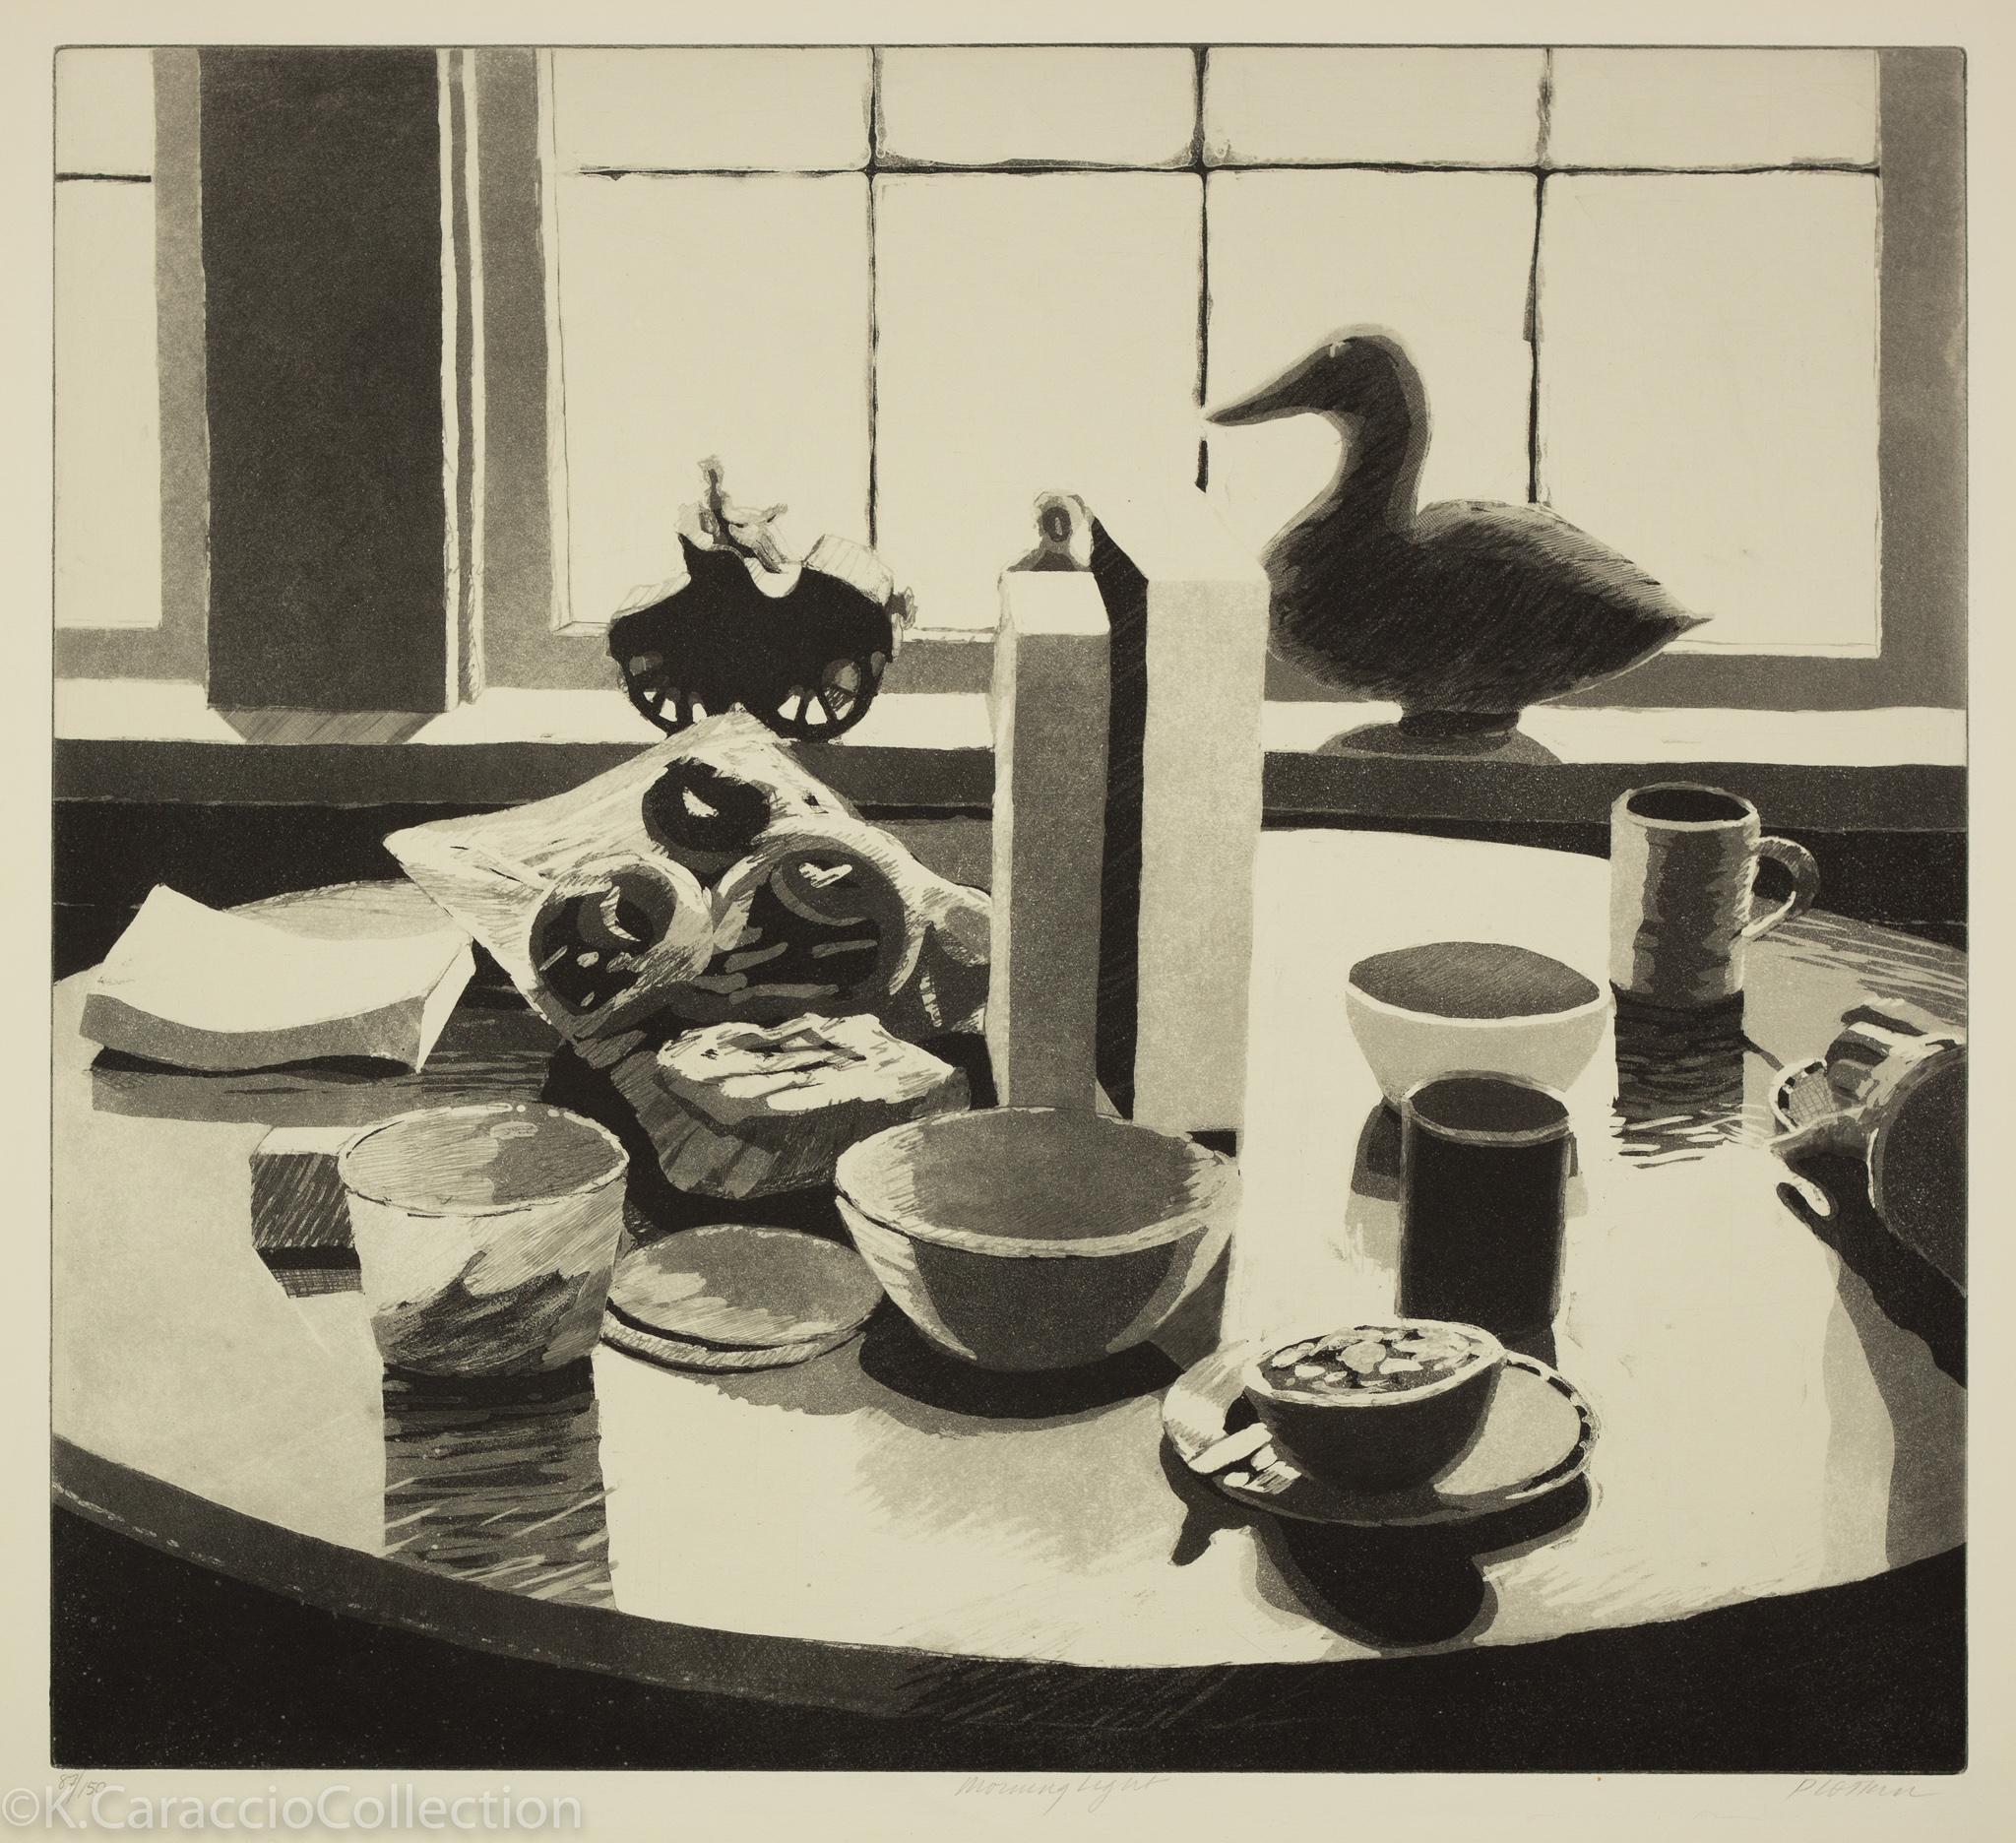 Morning Light, 1975